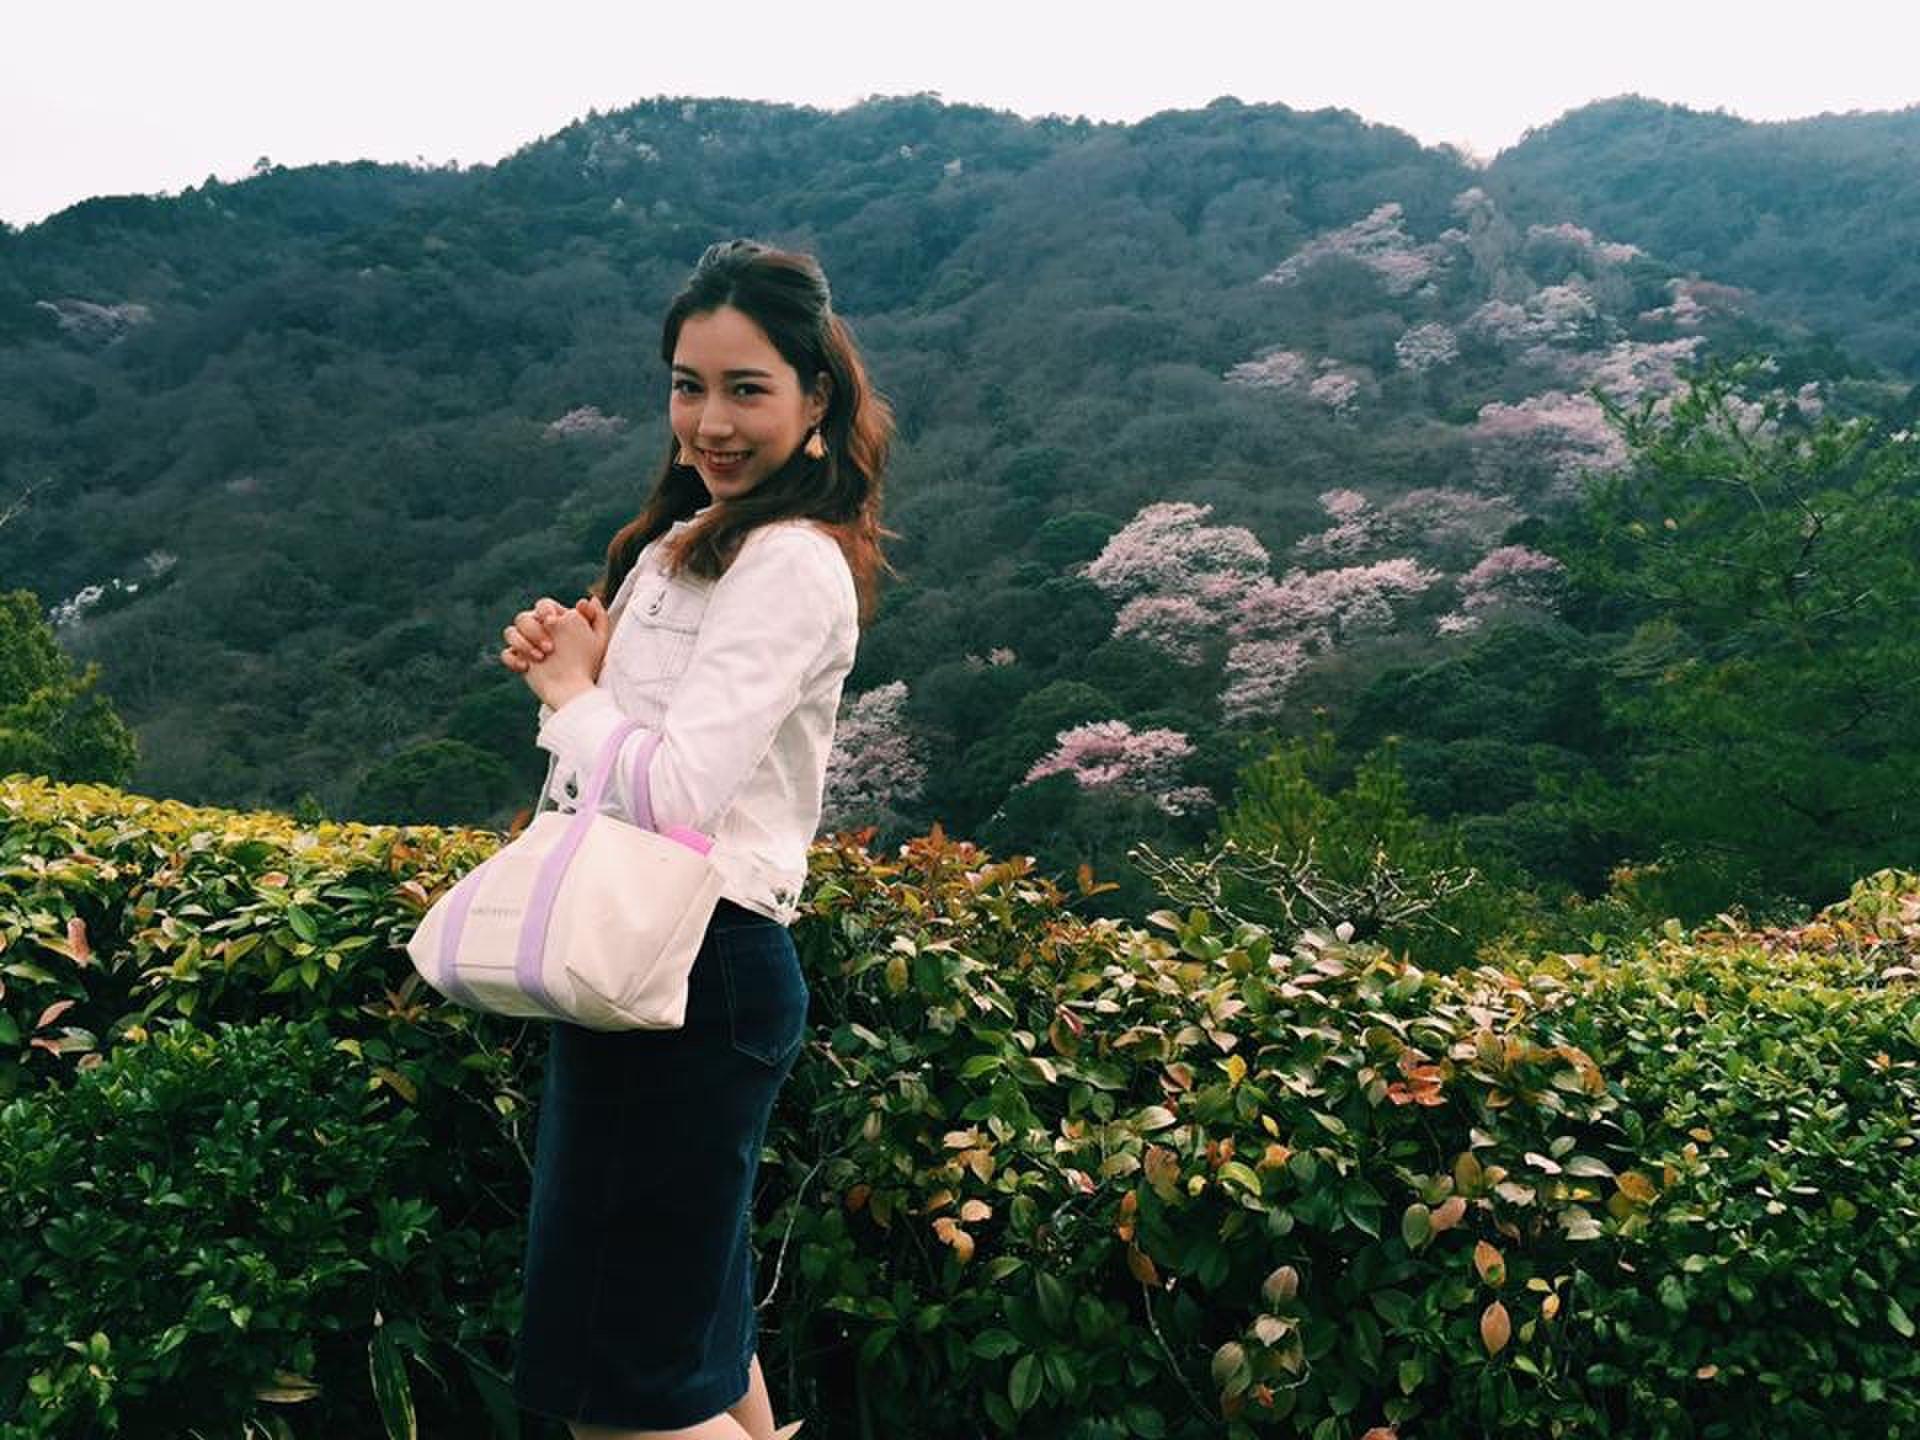 きっとあなたも行きたくなる。お花見に和カフェ・水占い...アクティビティ満載の京都1DAYプラン♪